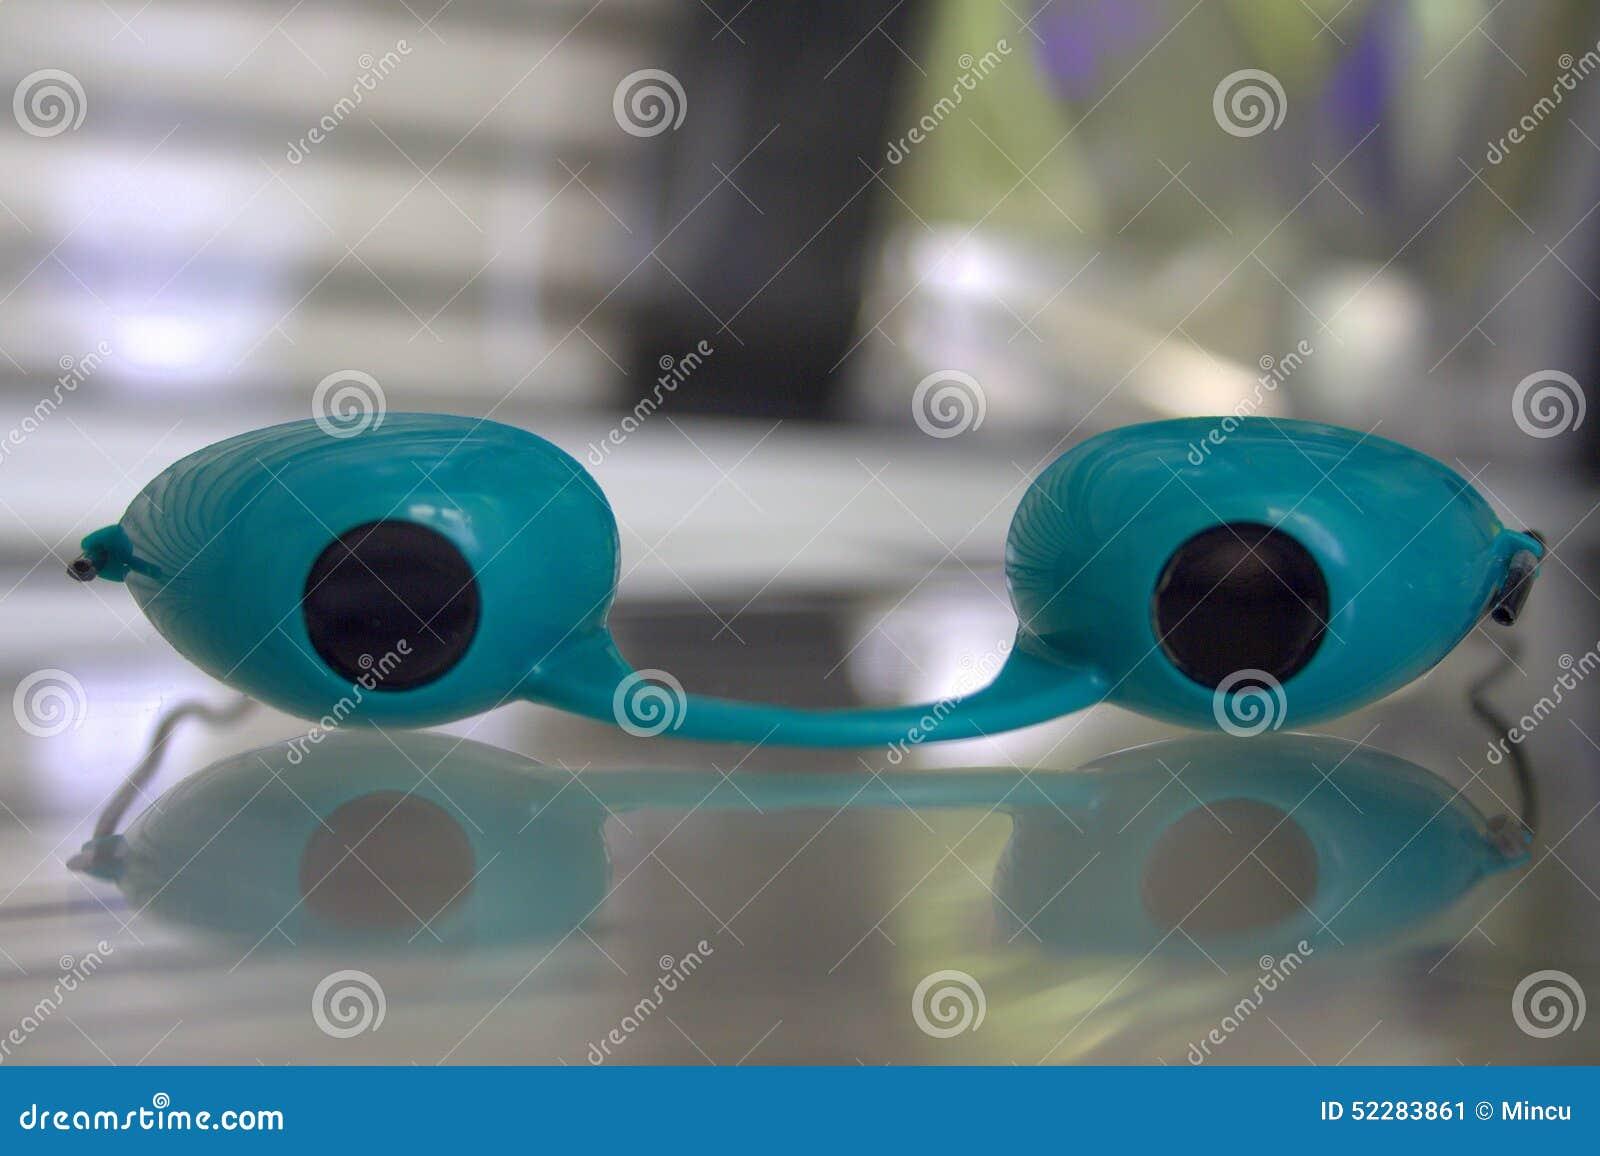 Solarium glasses